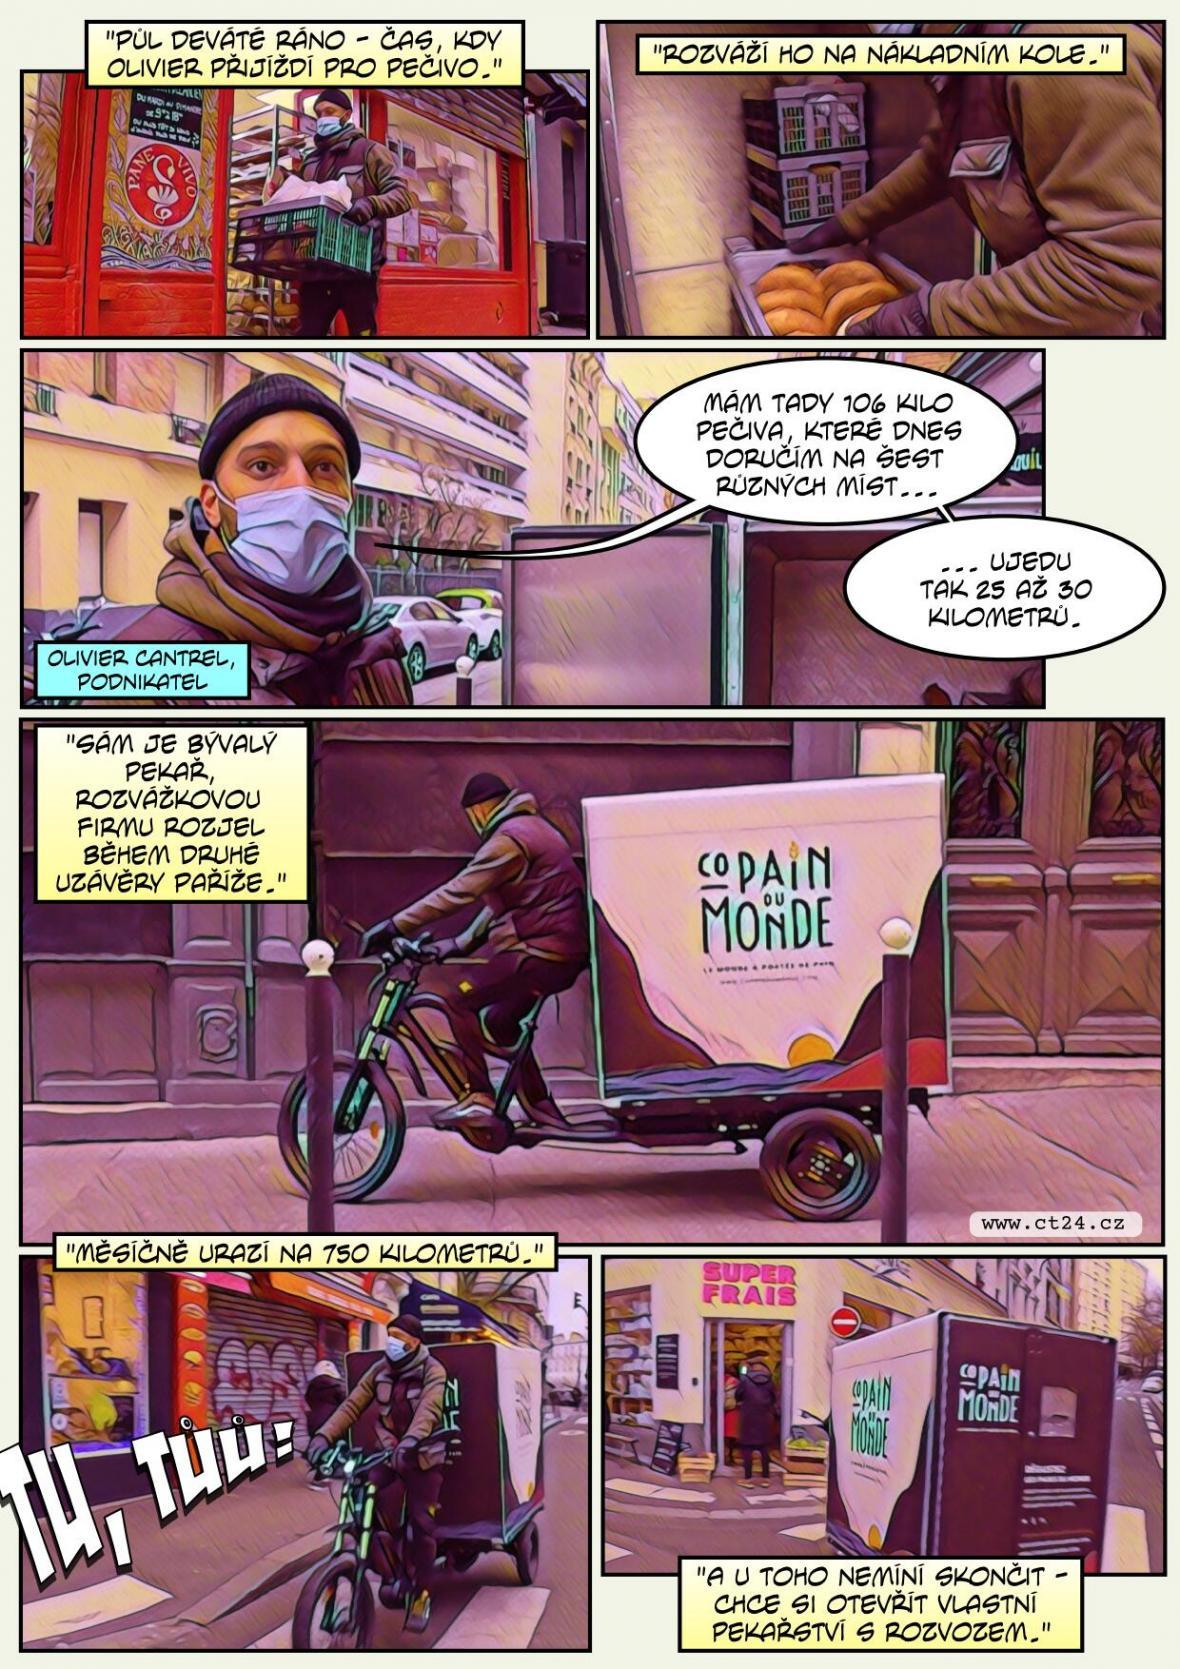 Nákladní kola rozvážejí po Paříži jídlo